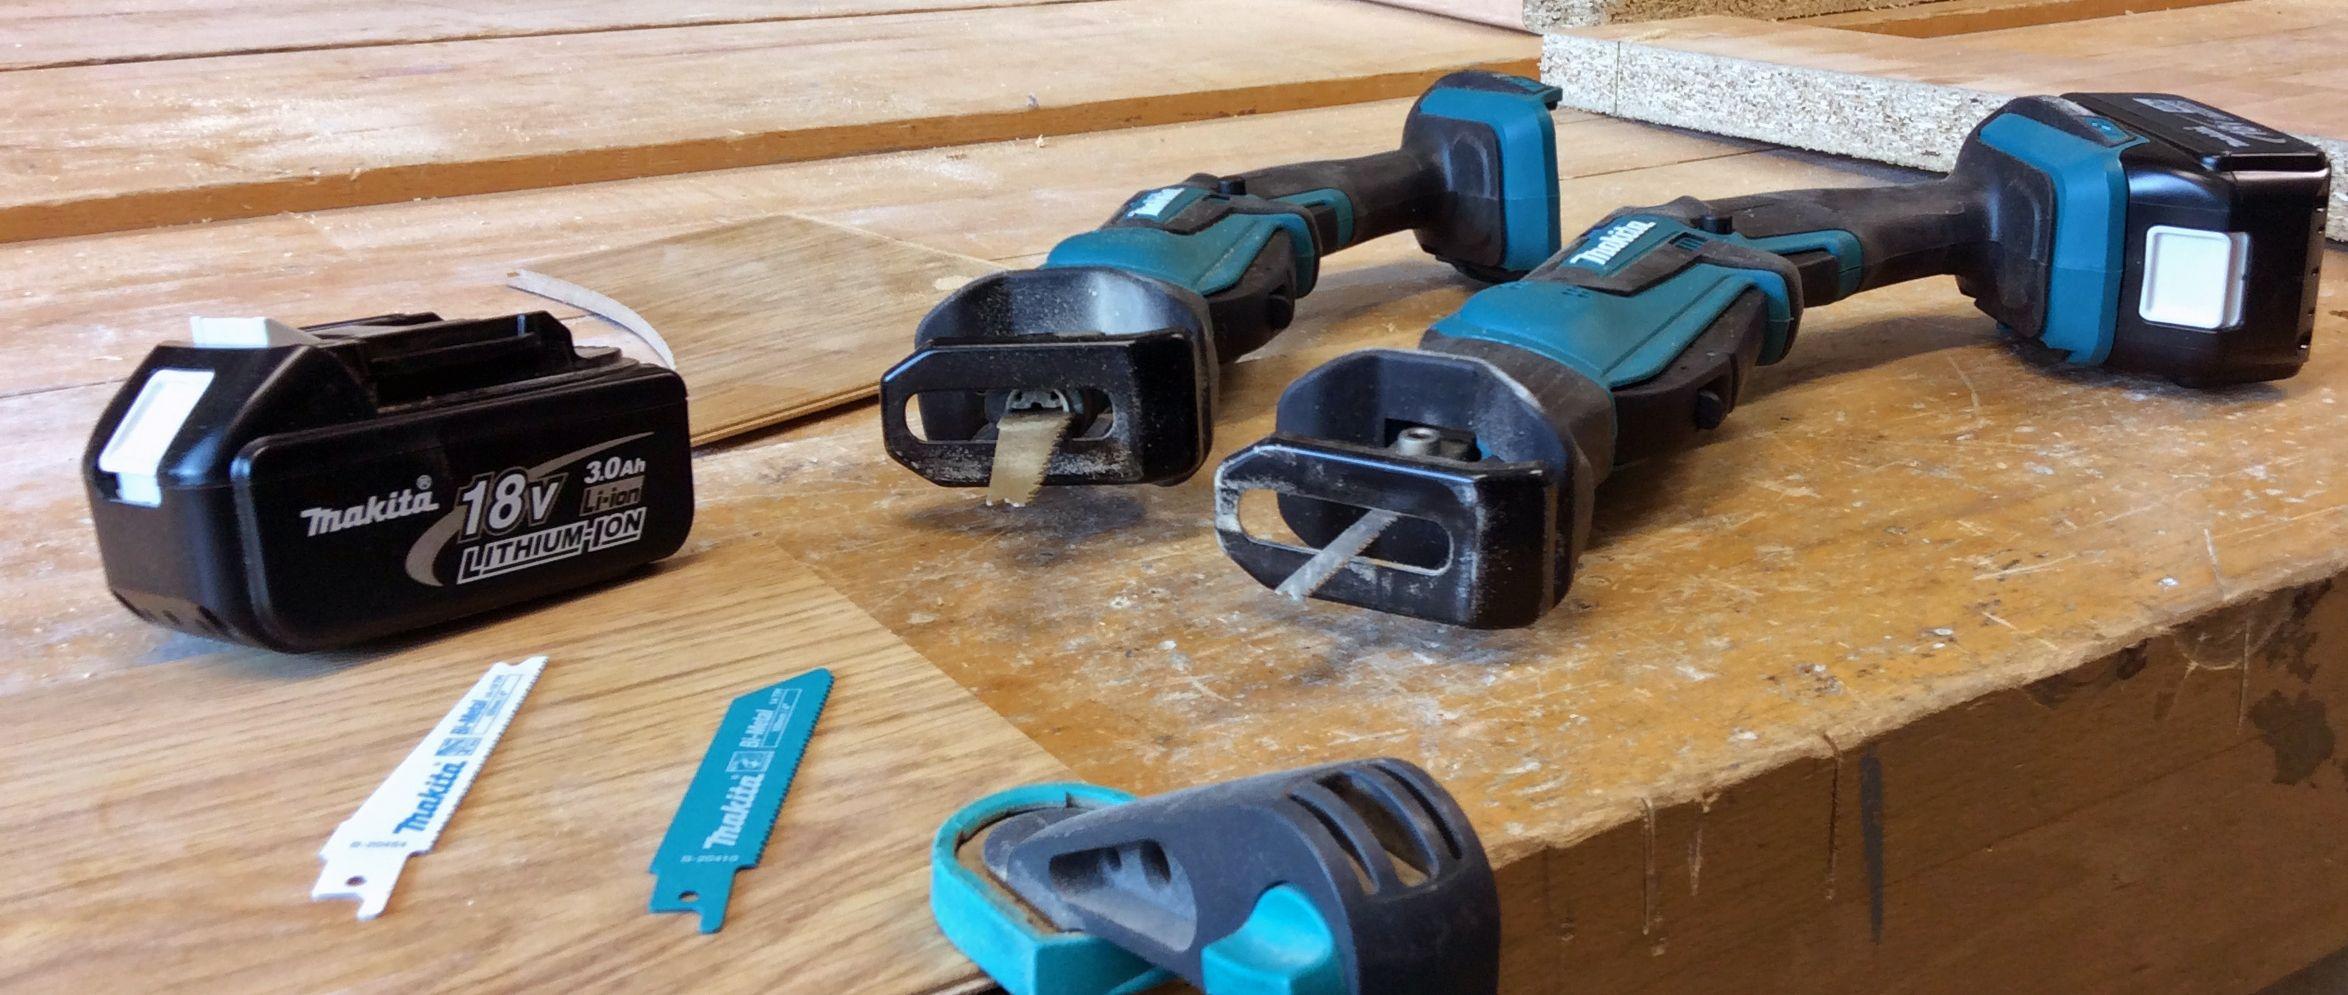 Makita DJR183 & DJR185 18v Cordless Recips Saws Toolstop